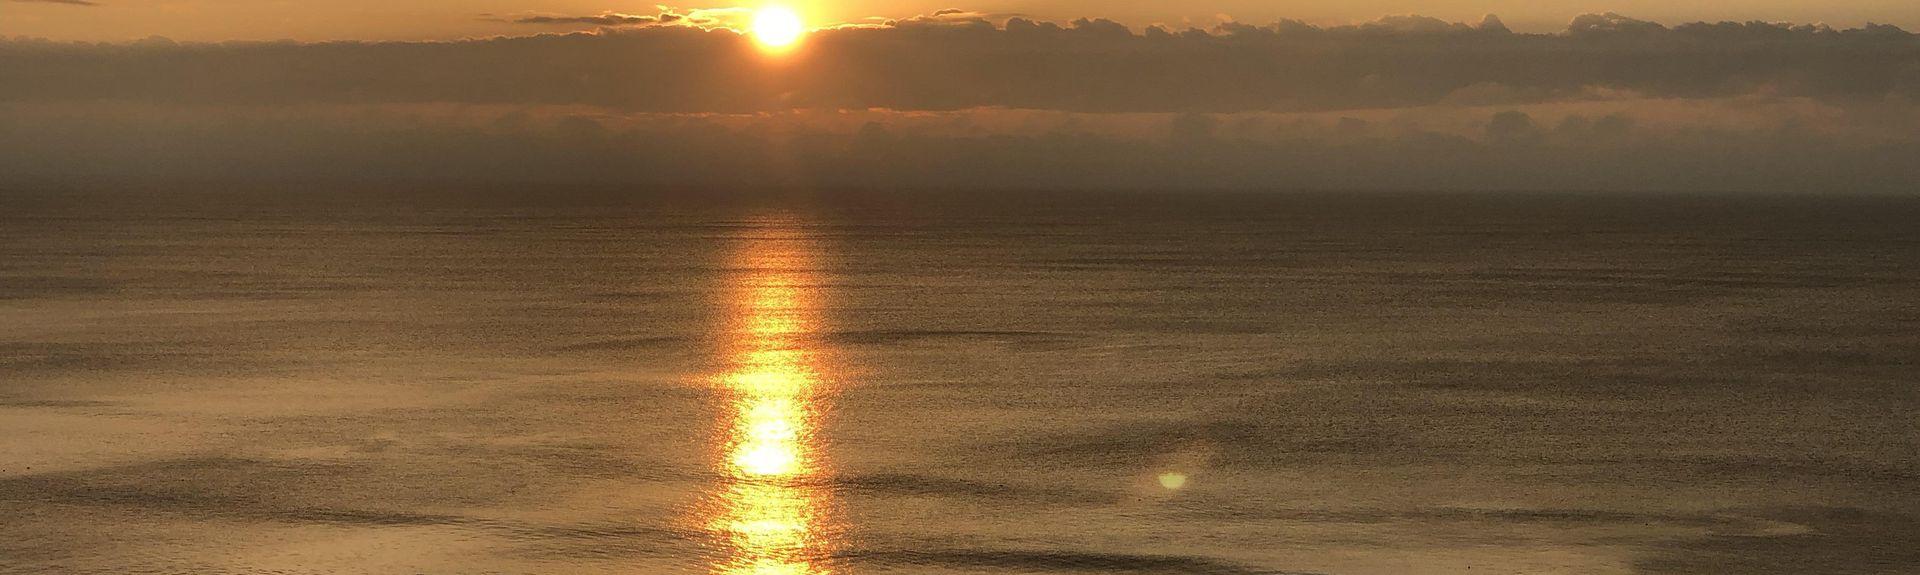 Mar Vista Grande (North Myrtle Beach, Carolina do Sul, Estados Unidos)